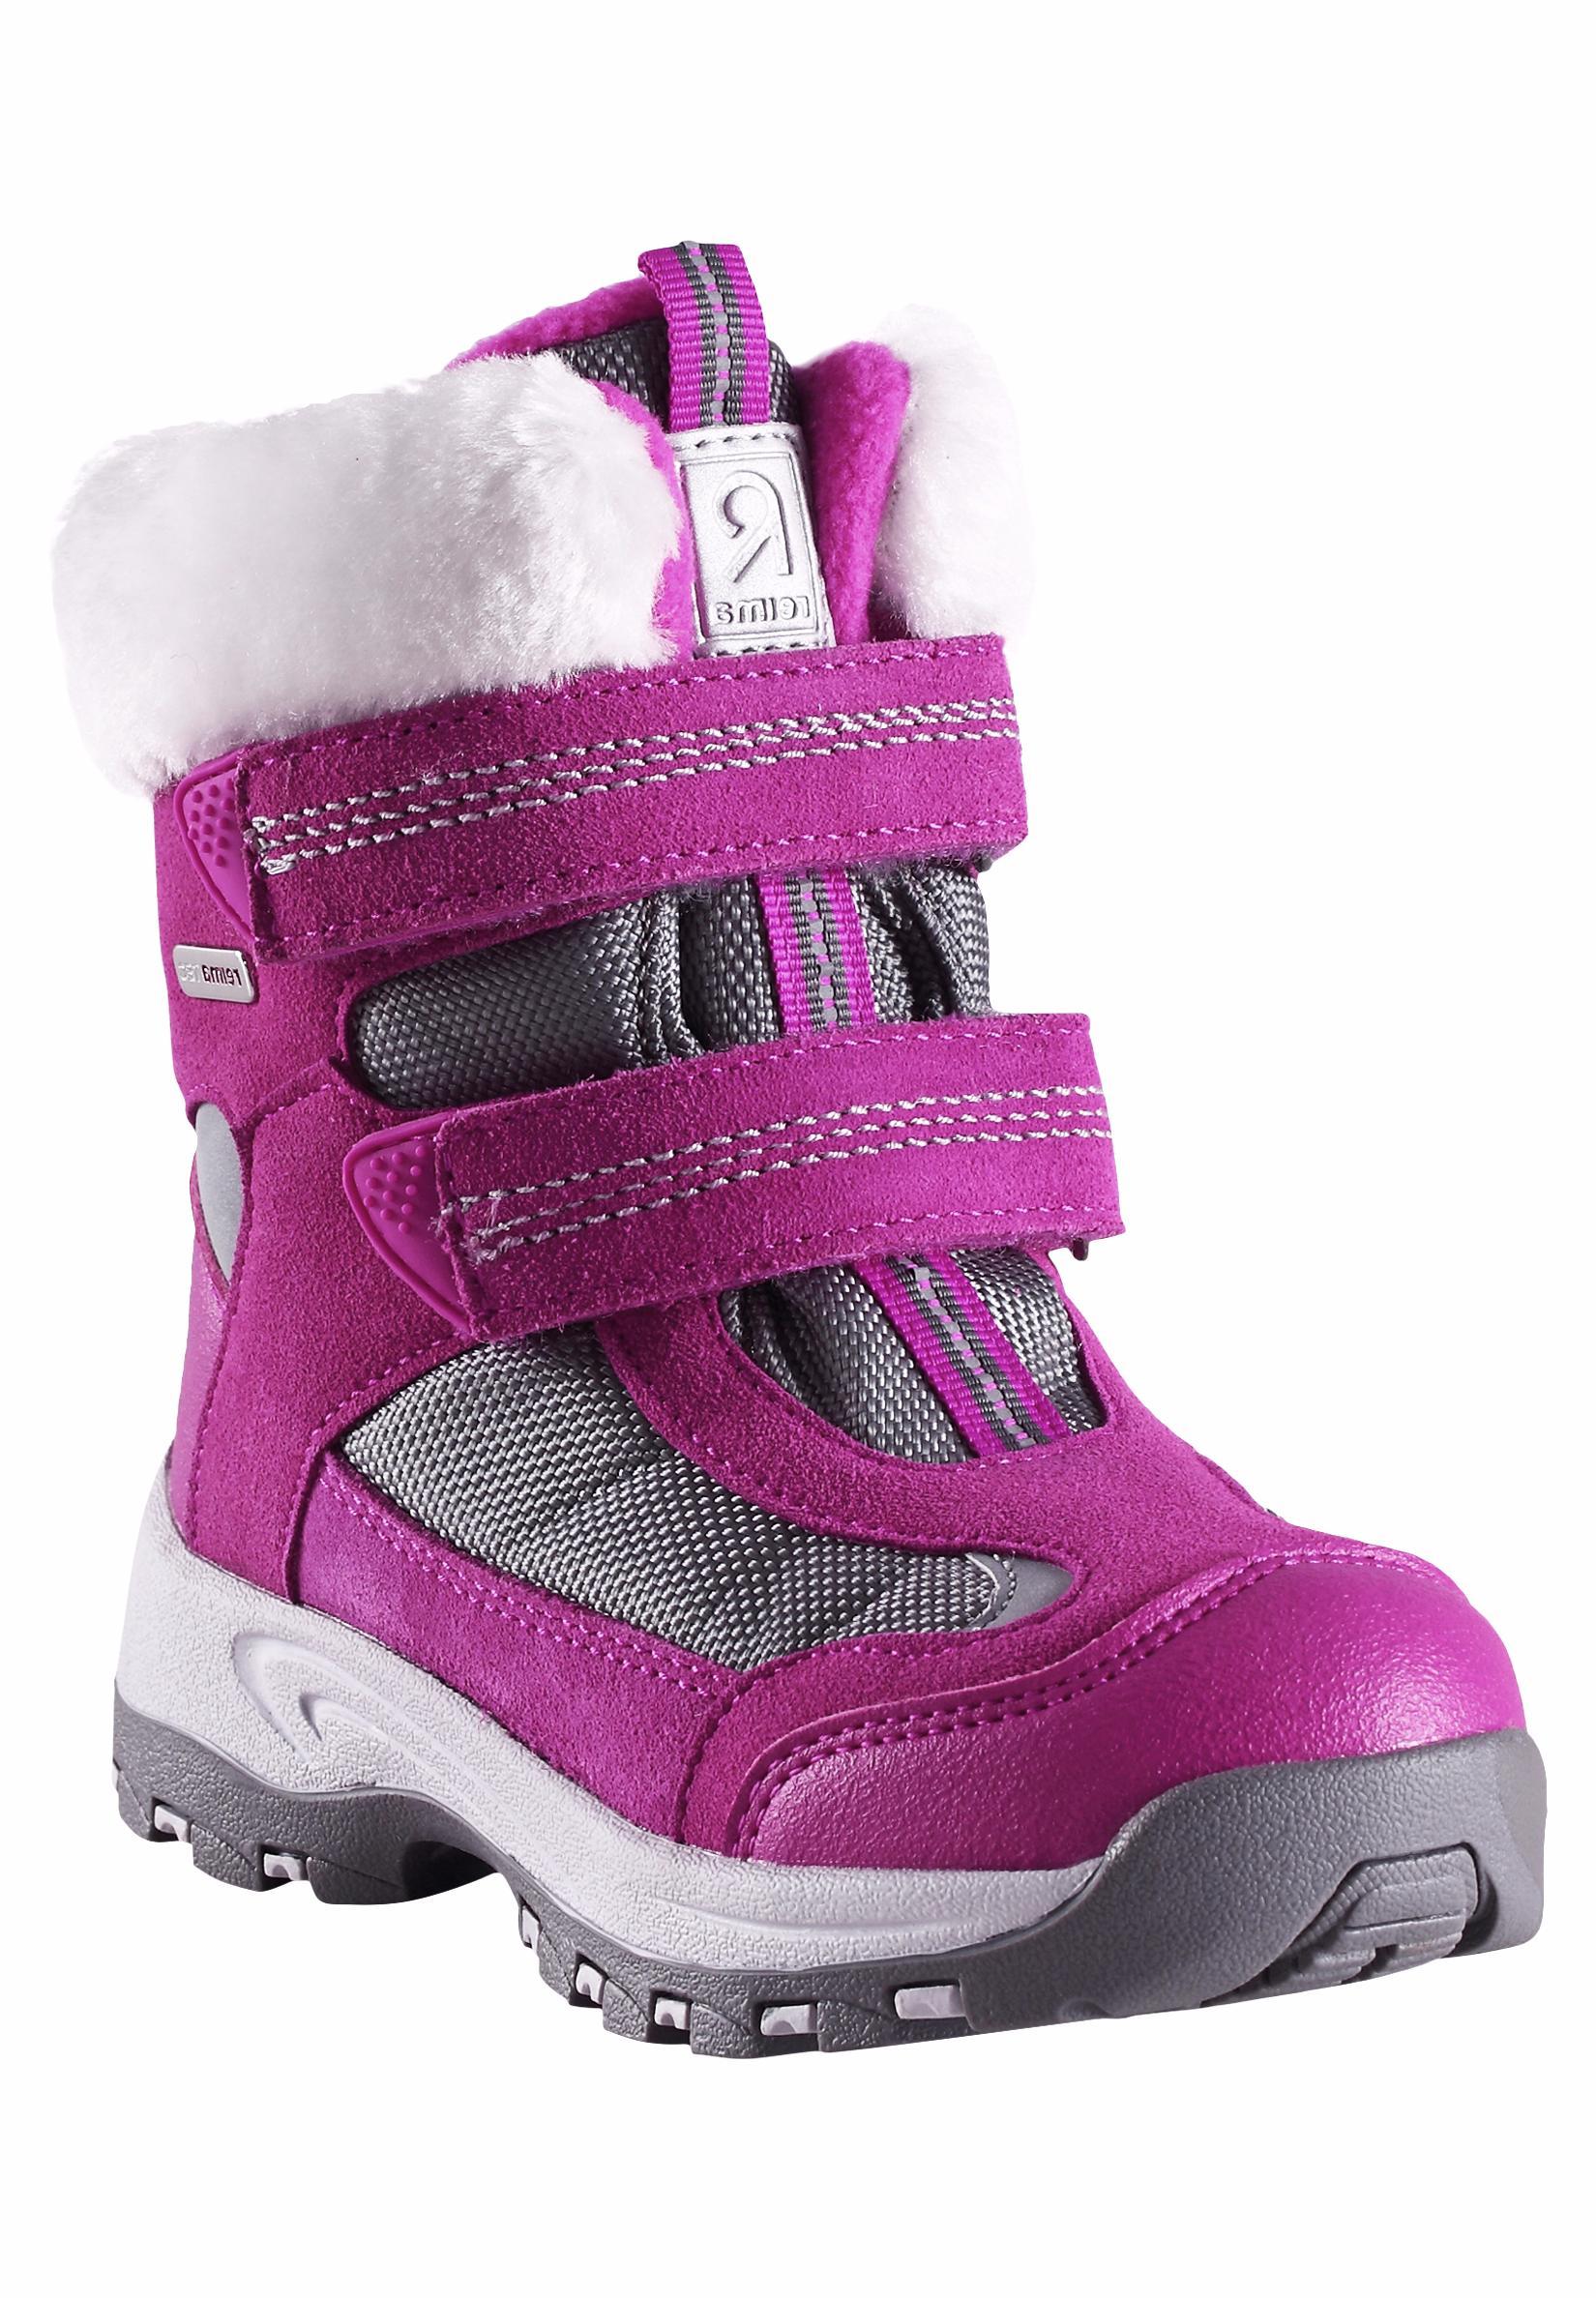 Купить Ботинки городские (высокие) Reima 2016-17 KINOS РОЗОВЫЙ Обувь для города 1274405